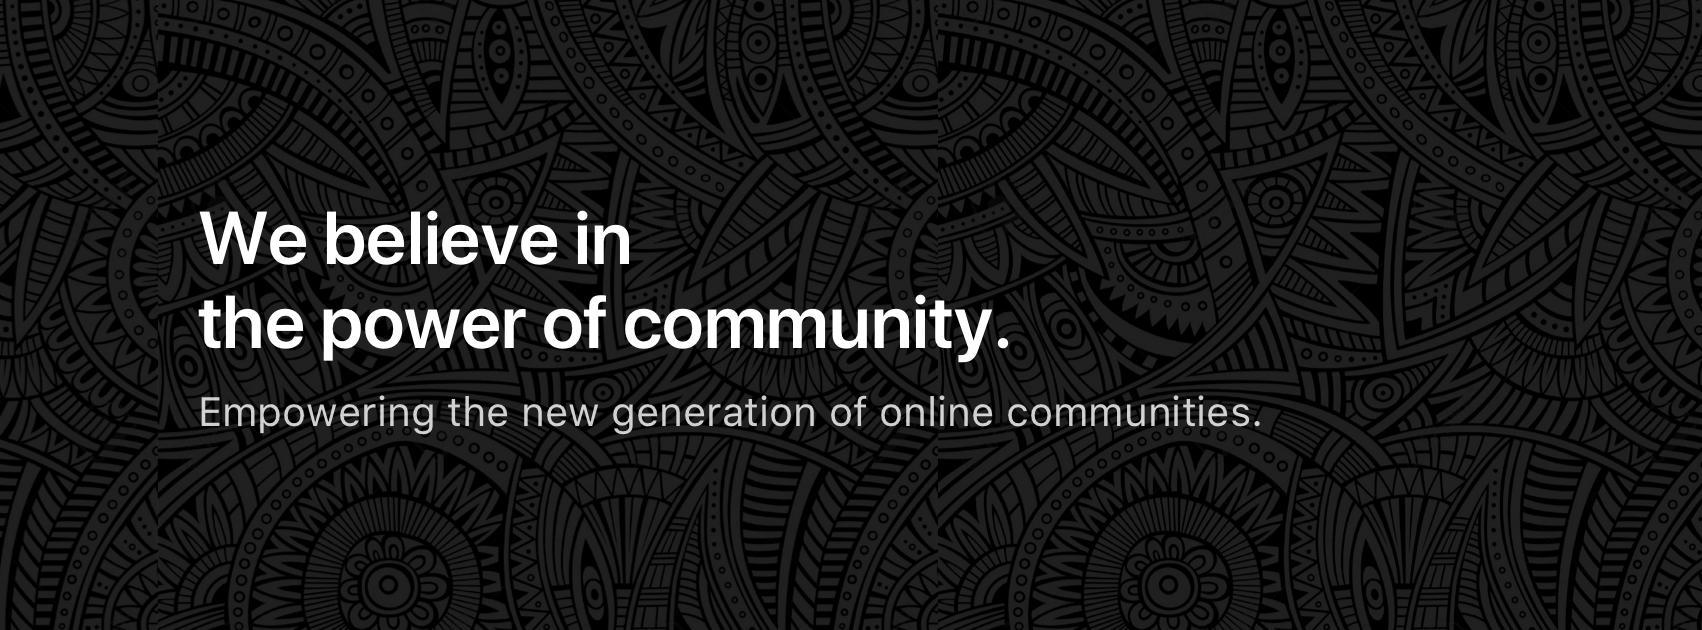 Avis Tribe Community Platform : Plateforme personnalisée pour créer des communautés en ligne - Appvizer